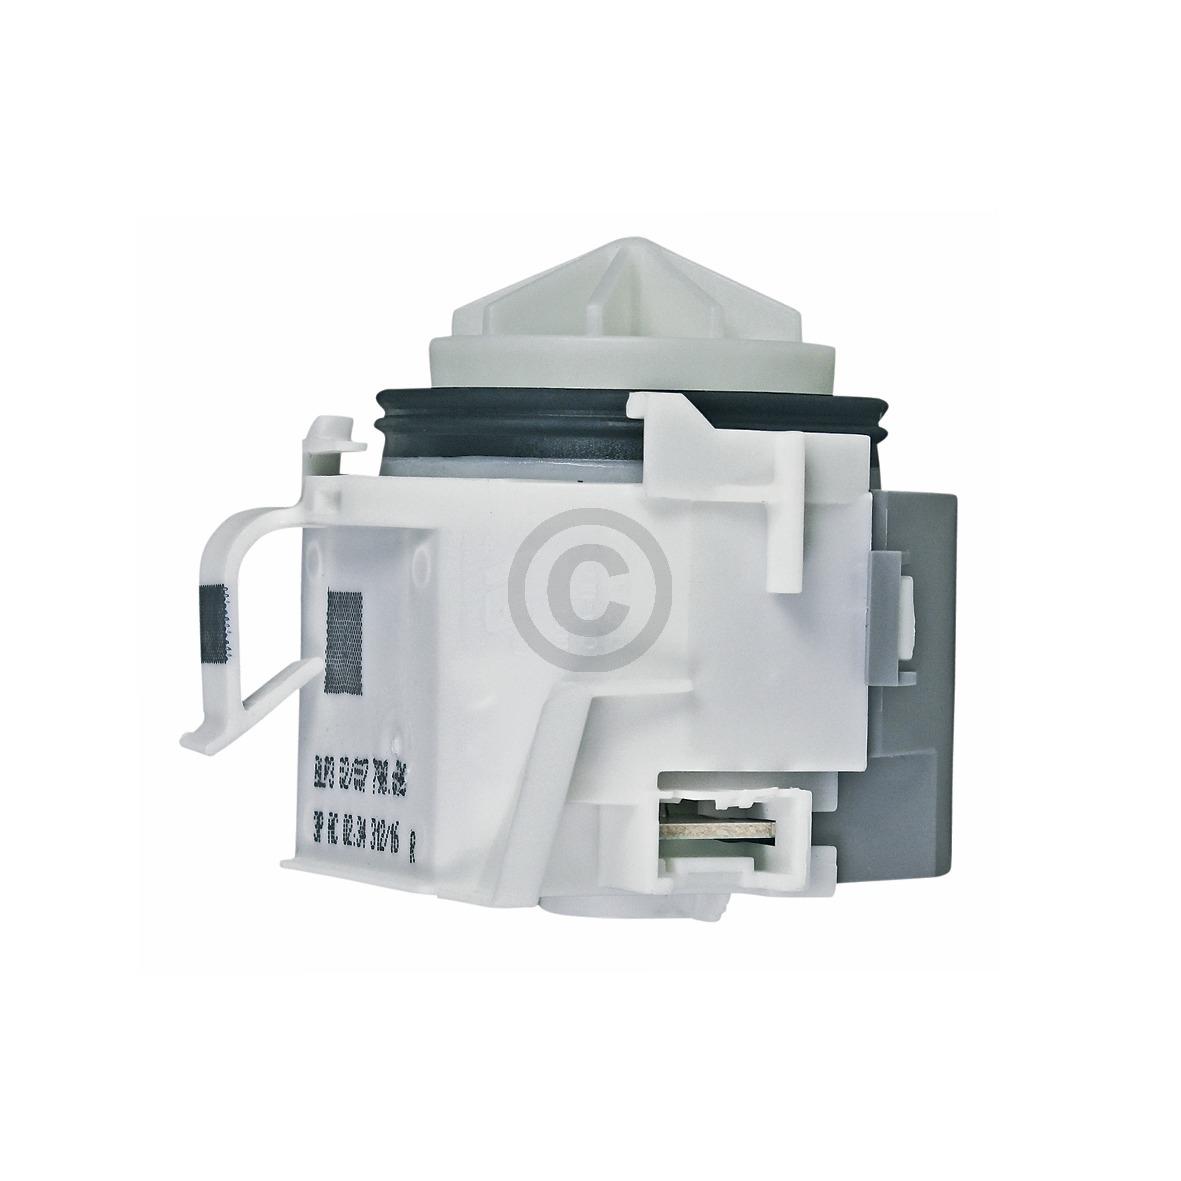 Ablaufpumpe Bosch 00631200 Copreci Pumpenmotor für Geschirrspüler 441851